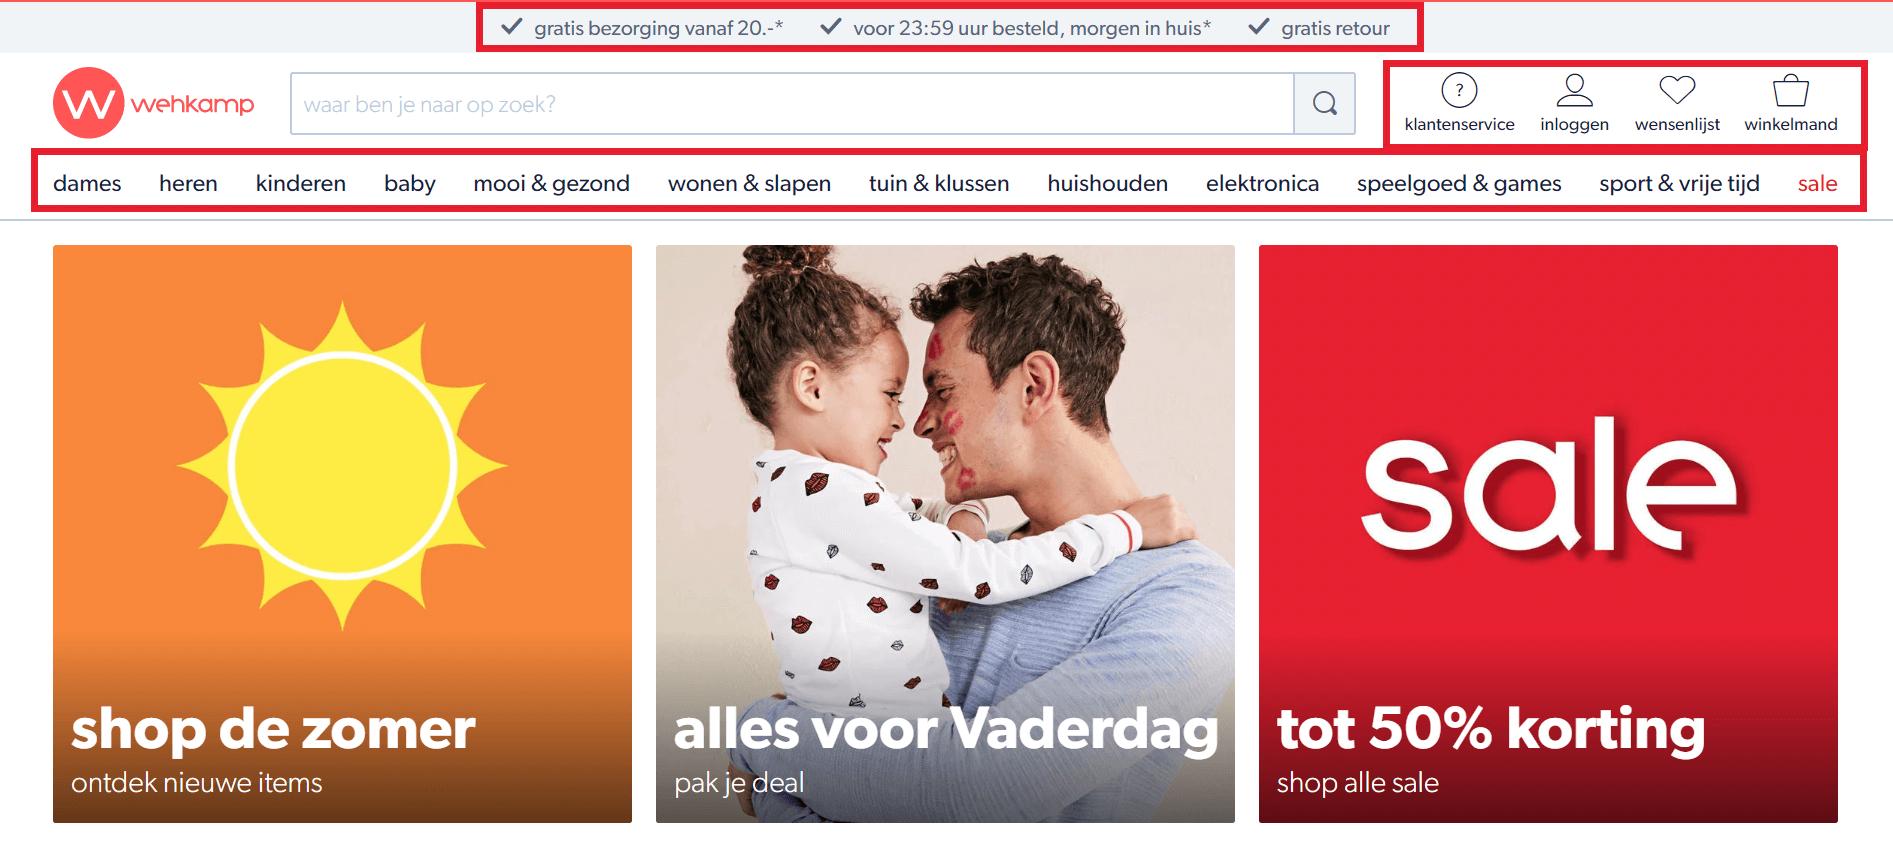 Navigatiestructuur op Wehkamp.nl